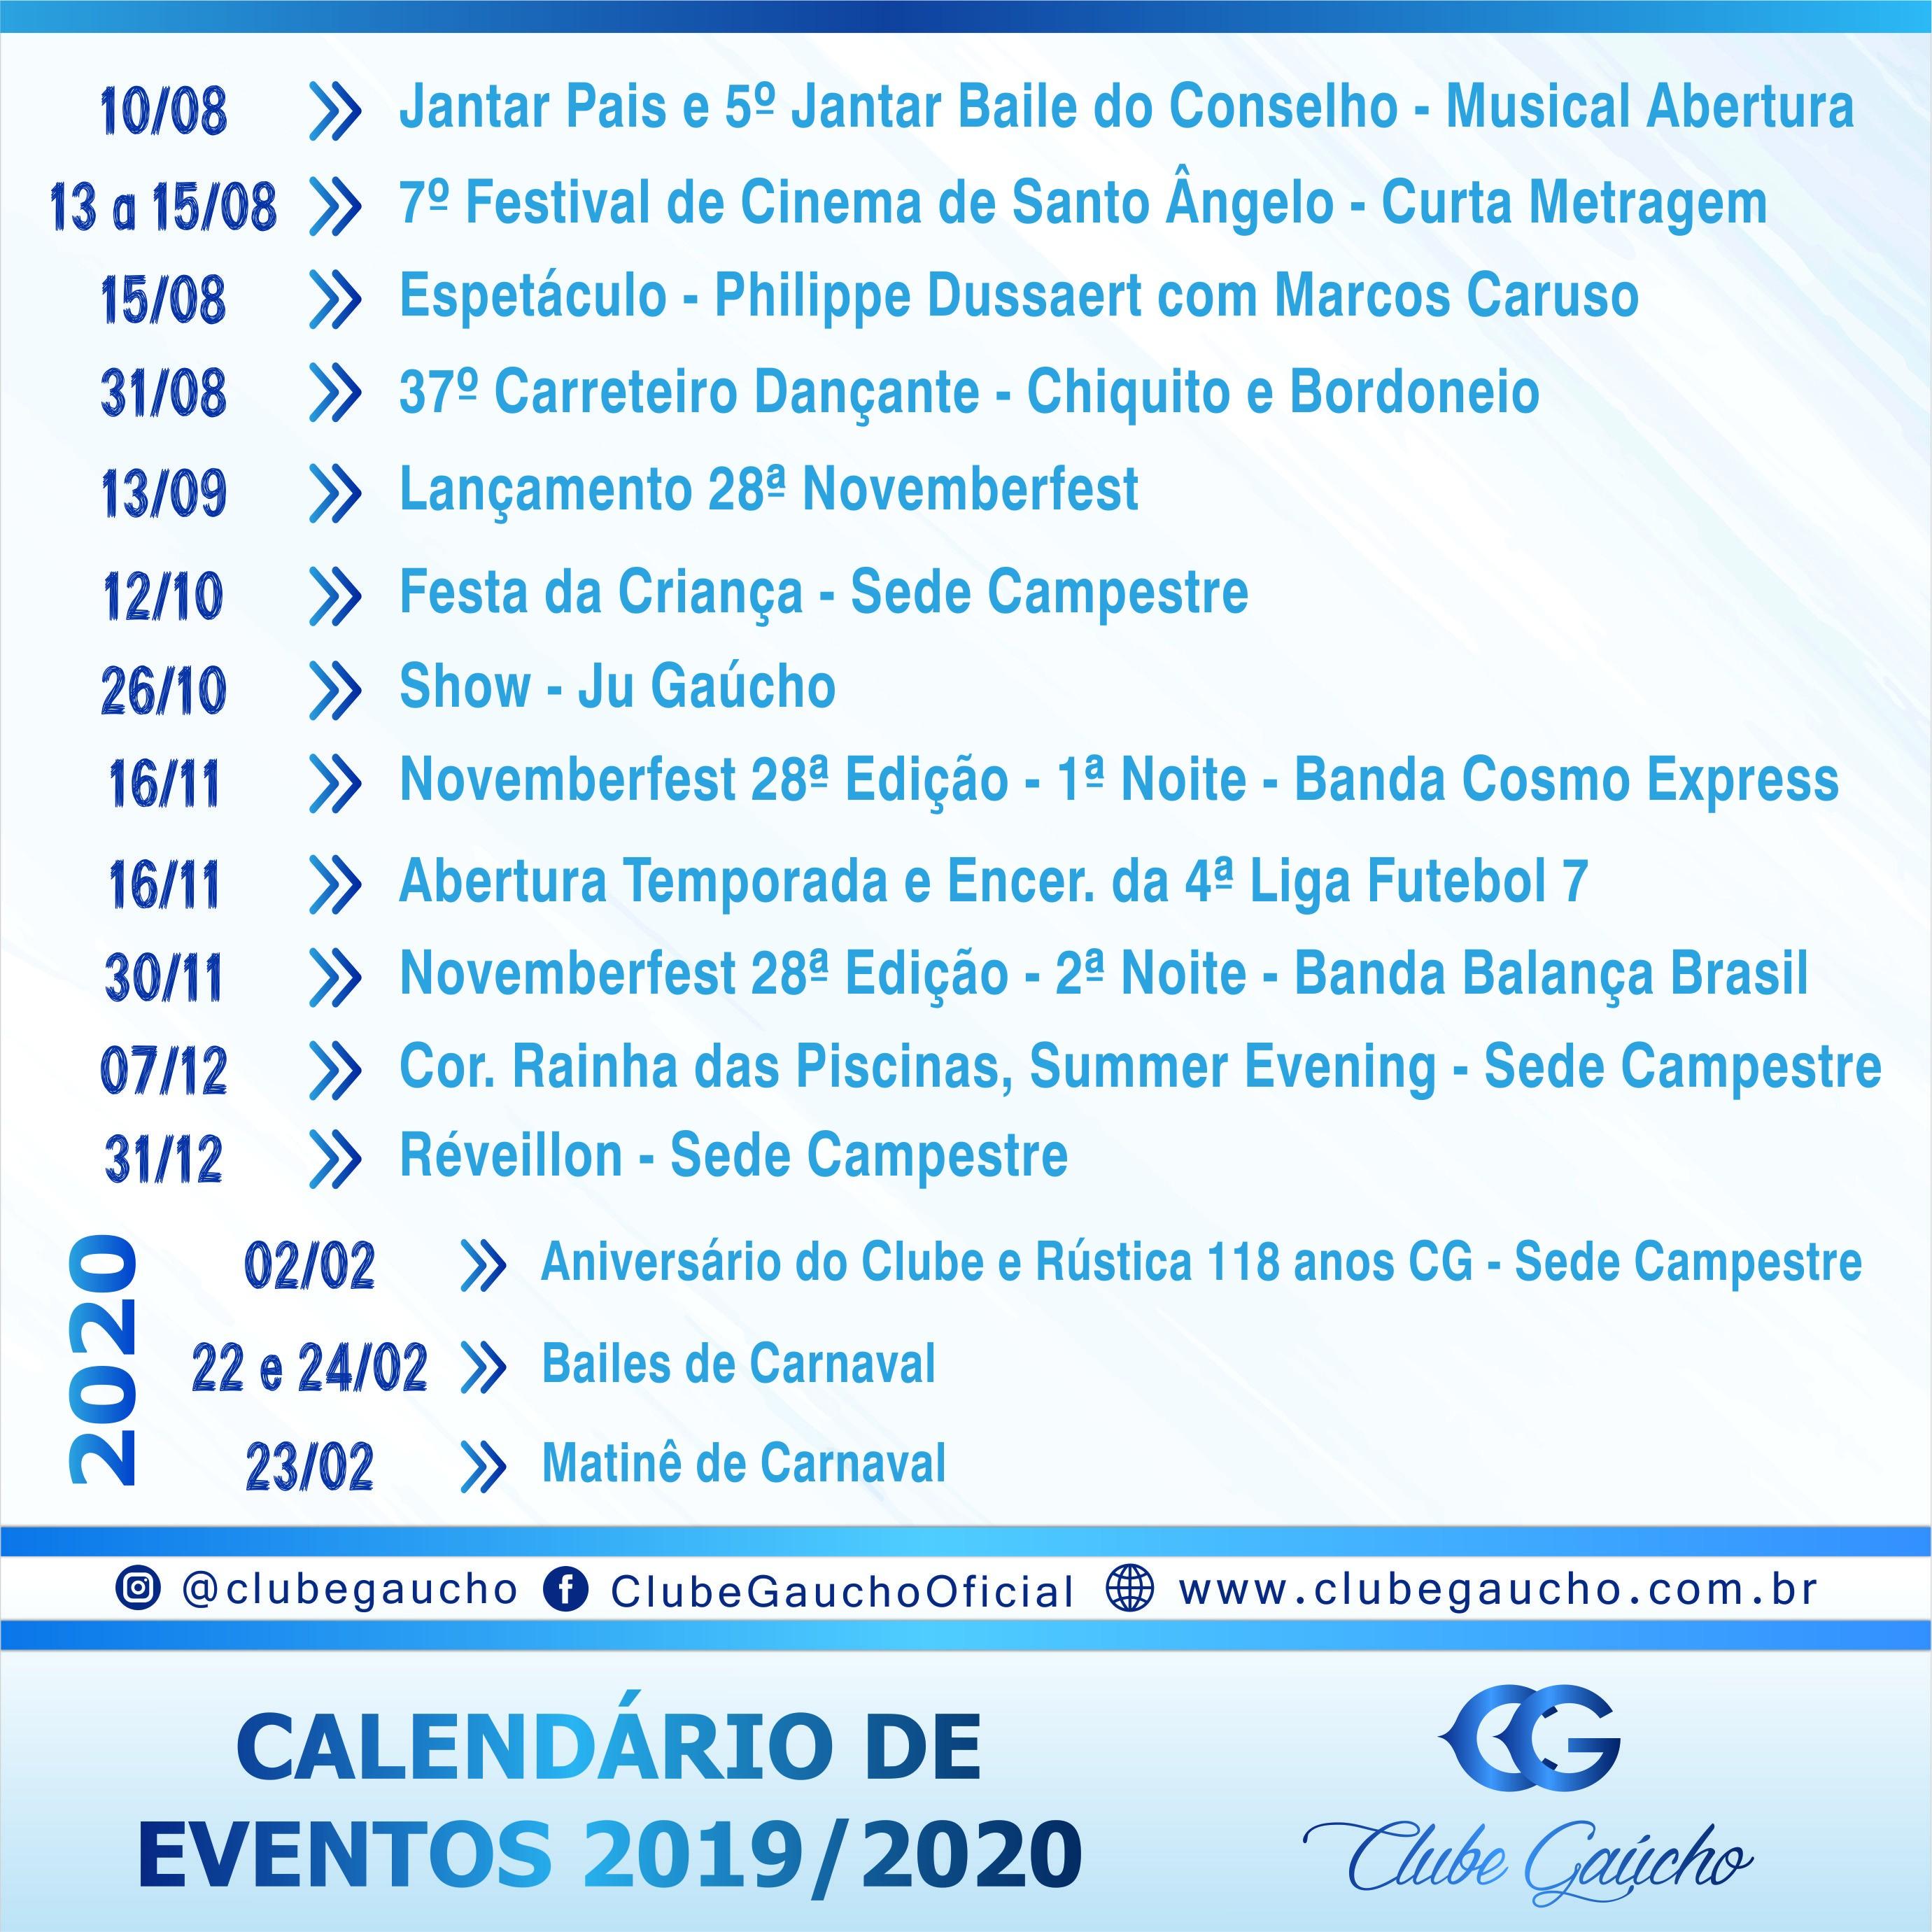 calendario eventos face 1